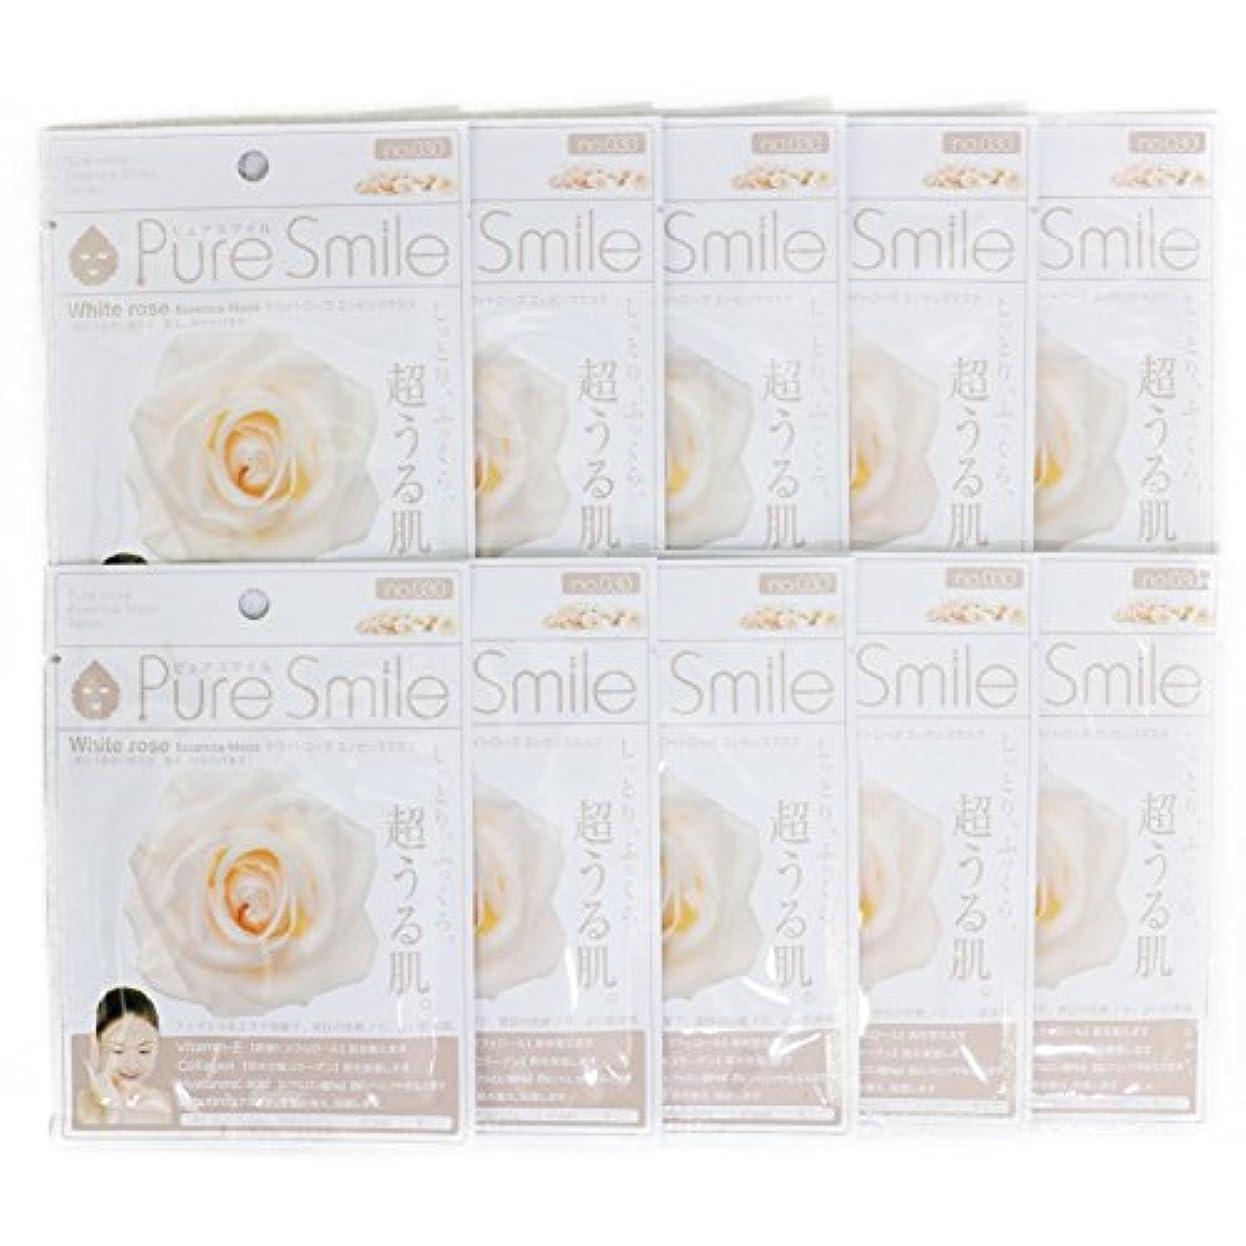 敬な戸口くるくるPure Smile ピュアスマイル エッセンスマスク ホワイトローズ 10枚セット